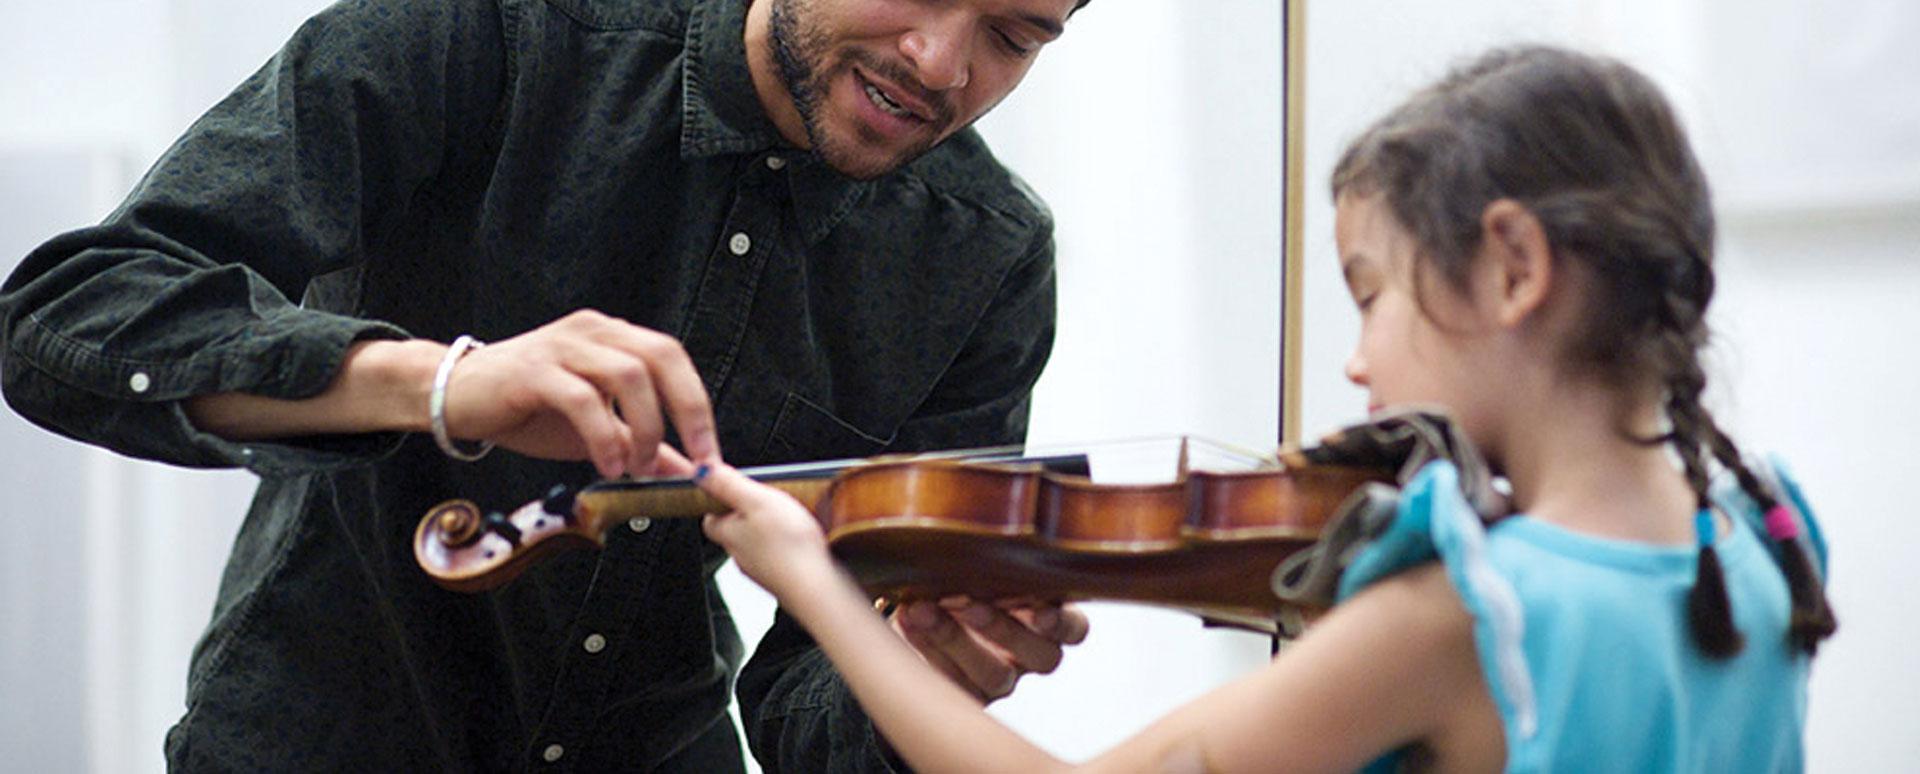 Child's violin lesson